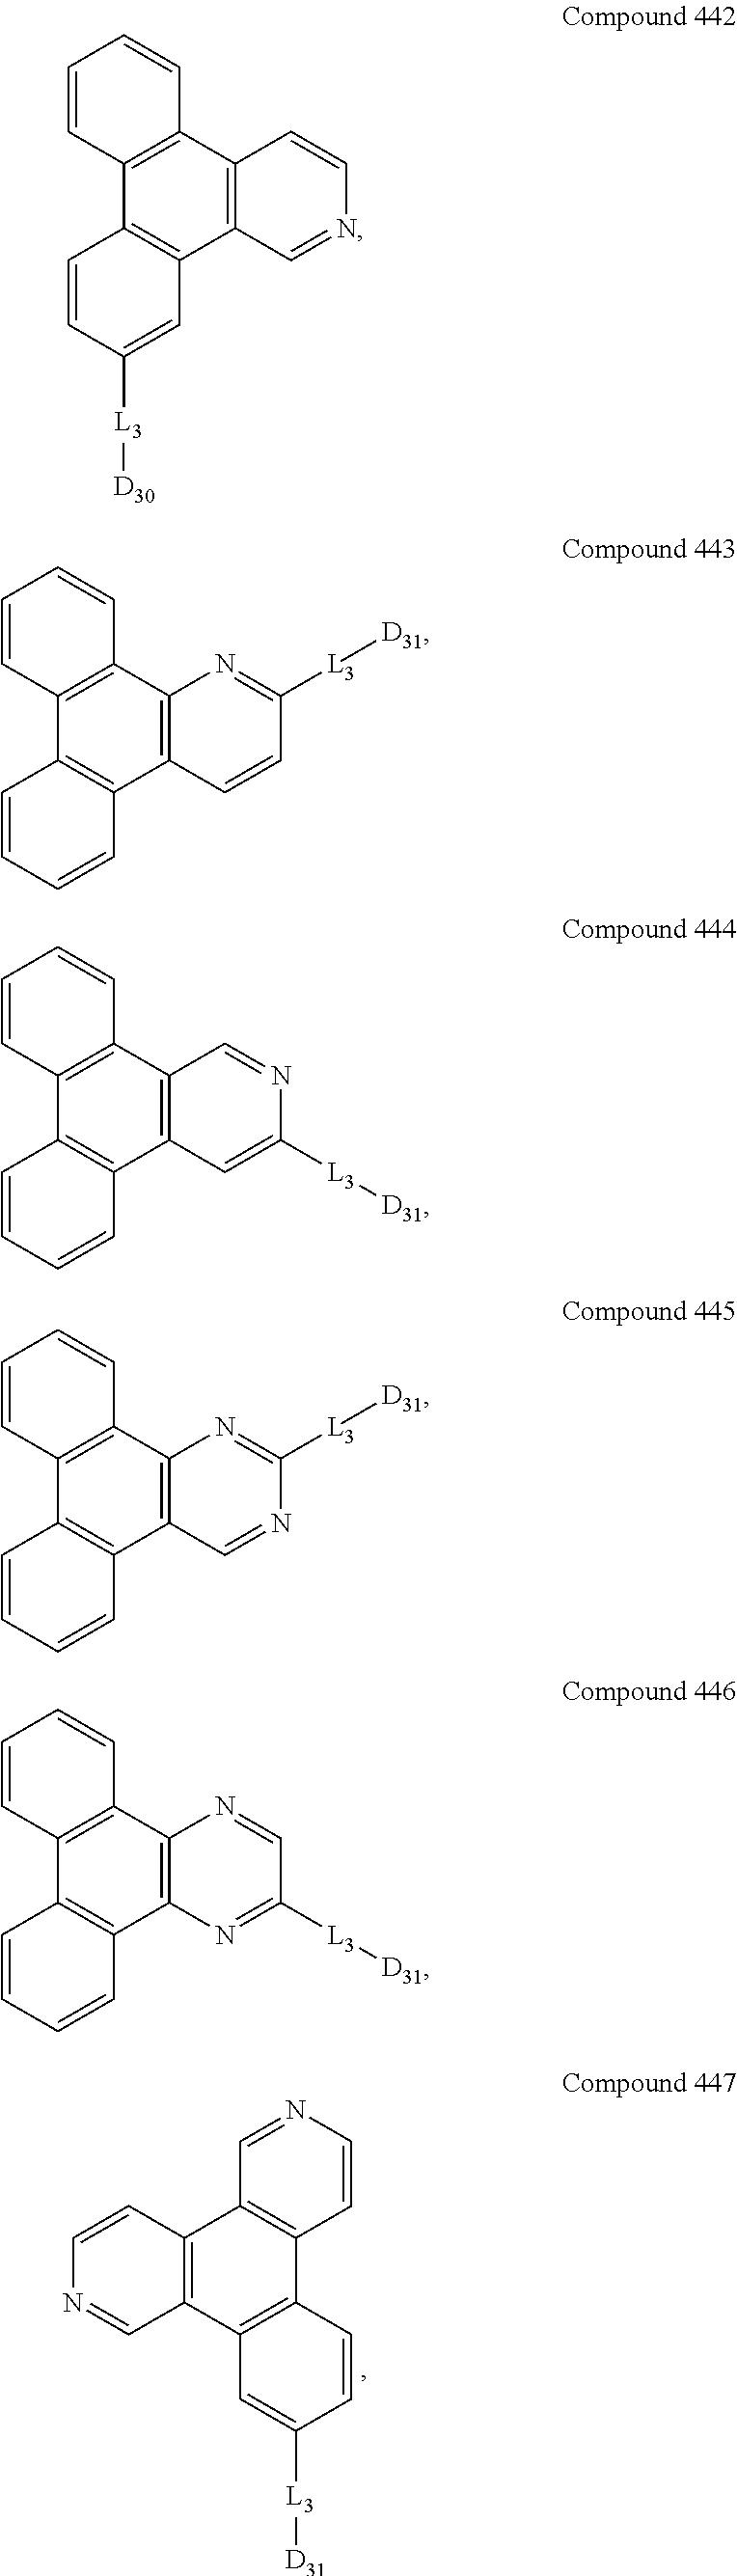 Figure US09537106-20170103-C00244